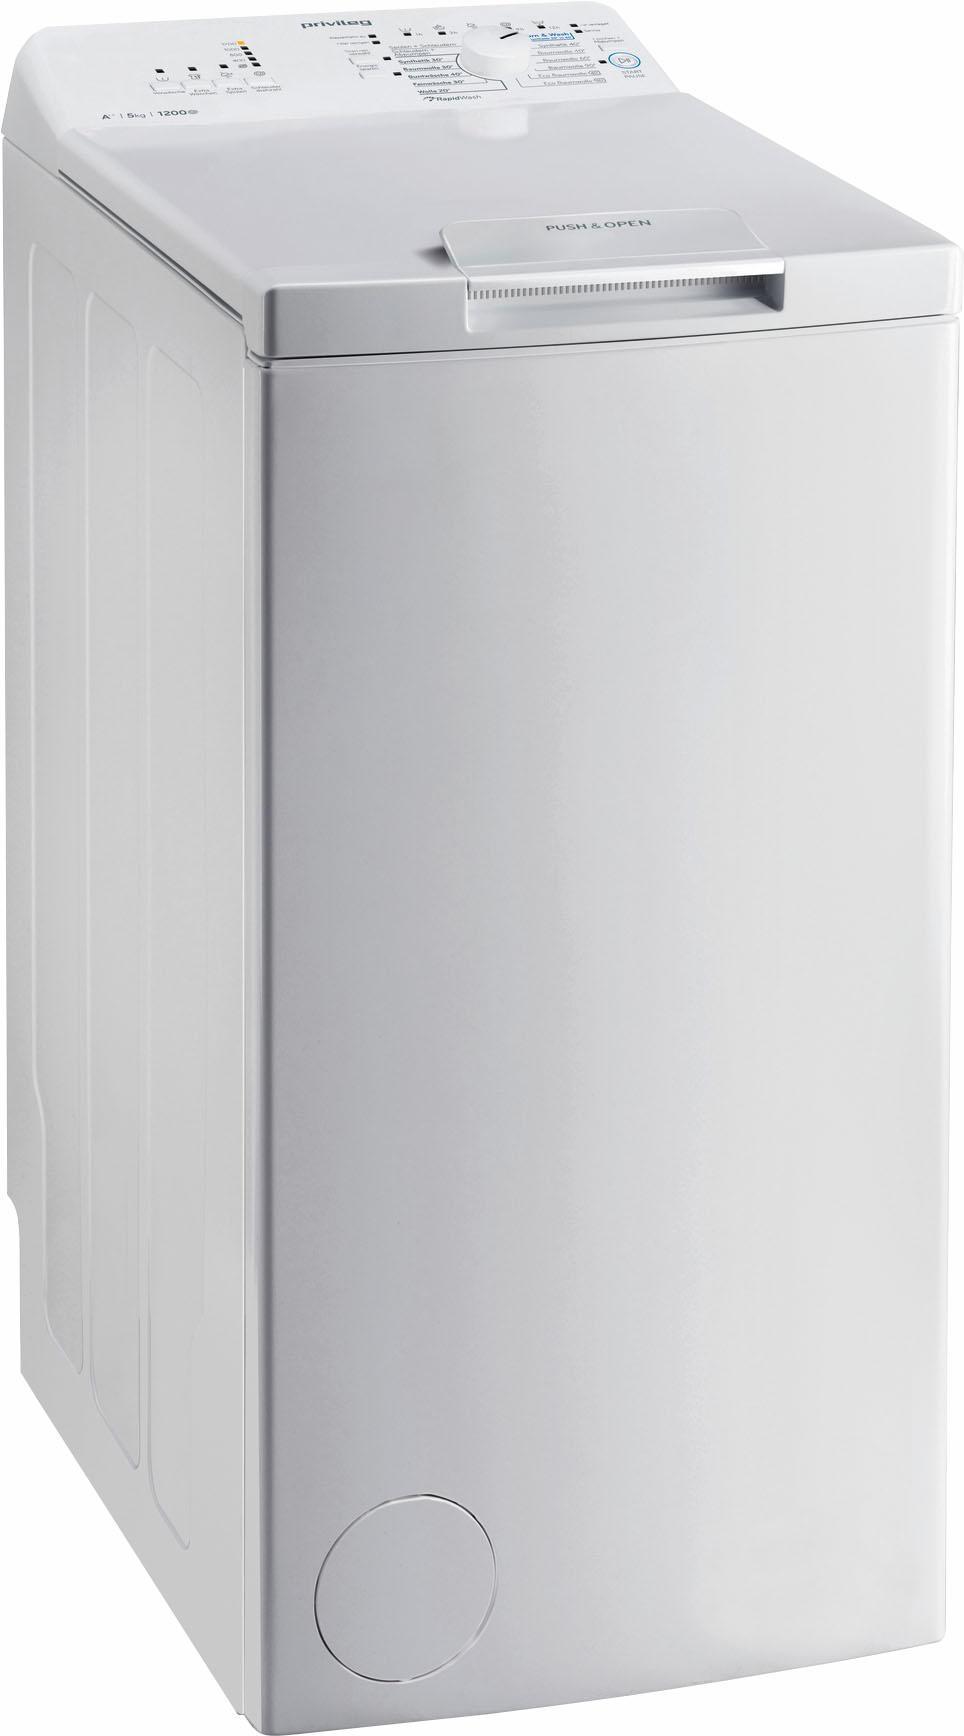 Privileg Waschmaschine Toplader PWT A51252P   Bad > Waschmaschinen und Trockner > Toplader   Privileg